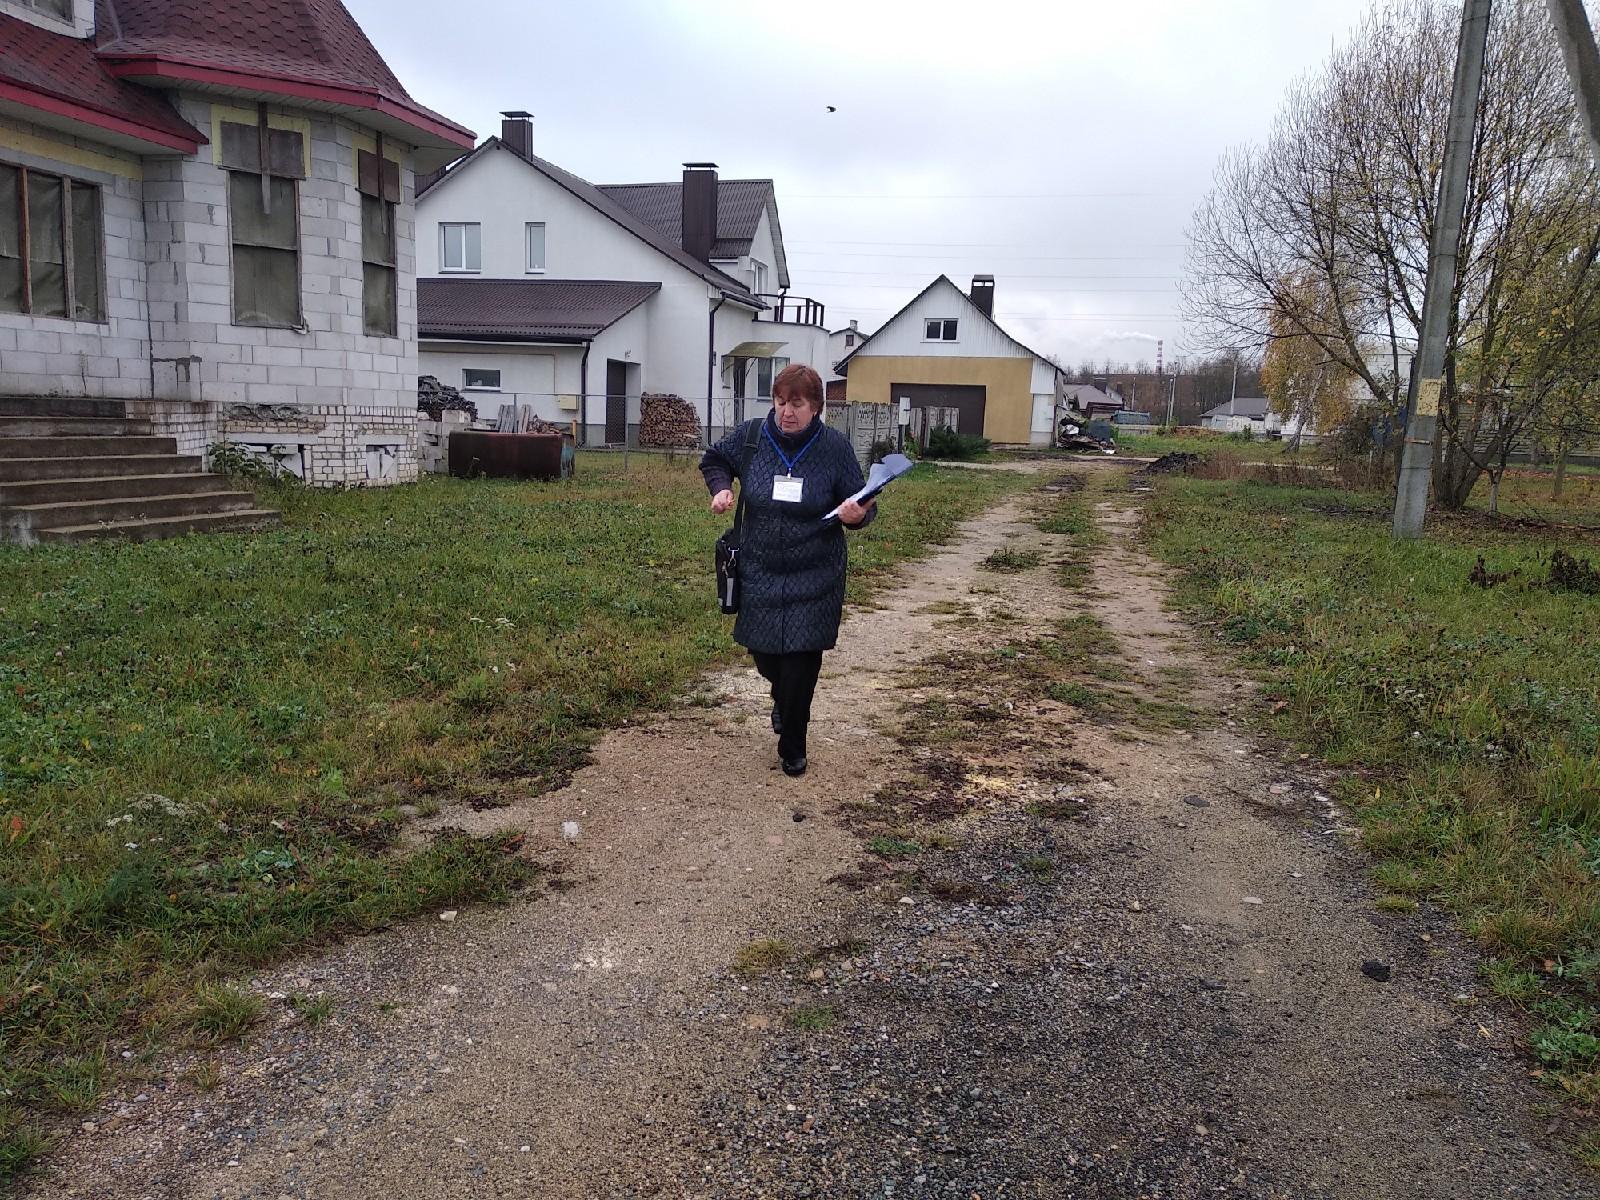 Переписчик ходит по домам. Фото: Ирина Комик